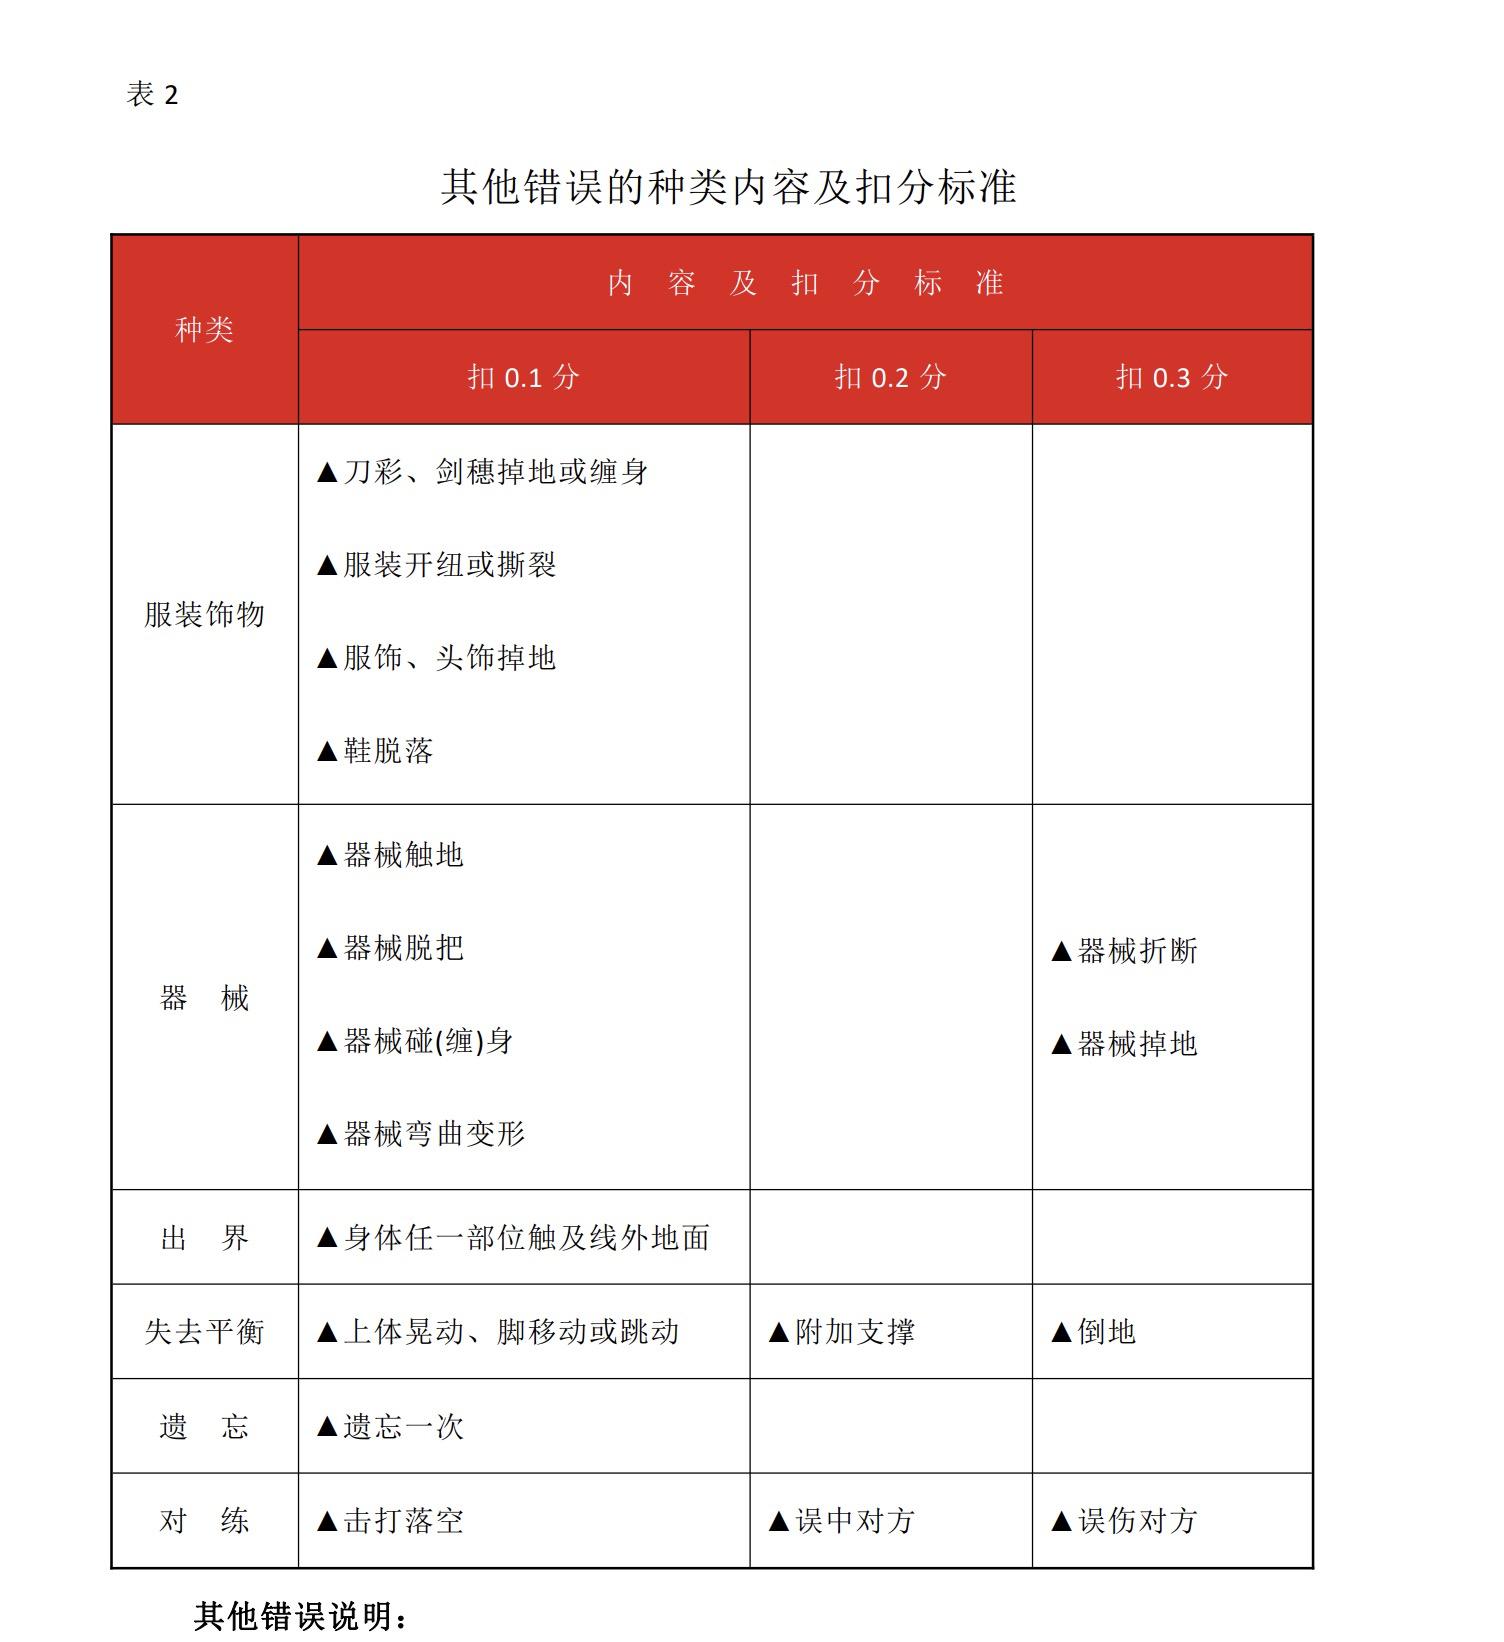 武术评分裁判的扣分依据之一 / 图片来源:国际武联《传统武术套路竞赛规则与裁判法》